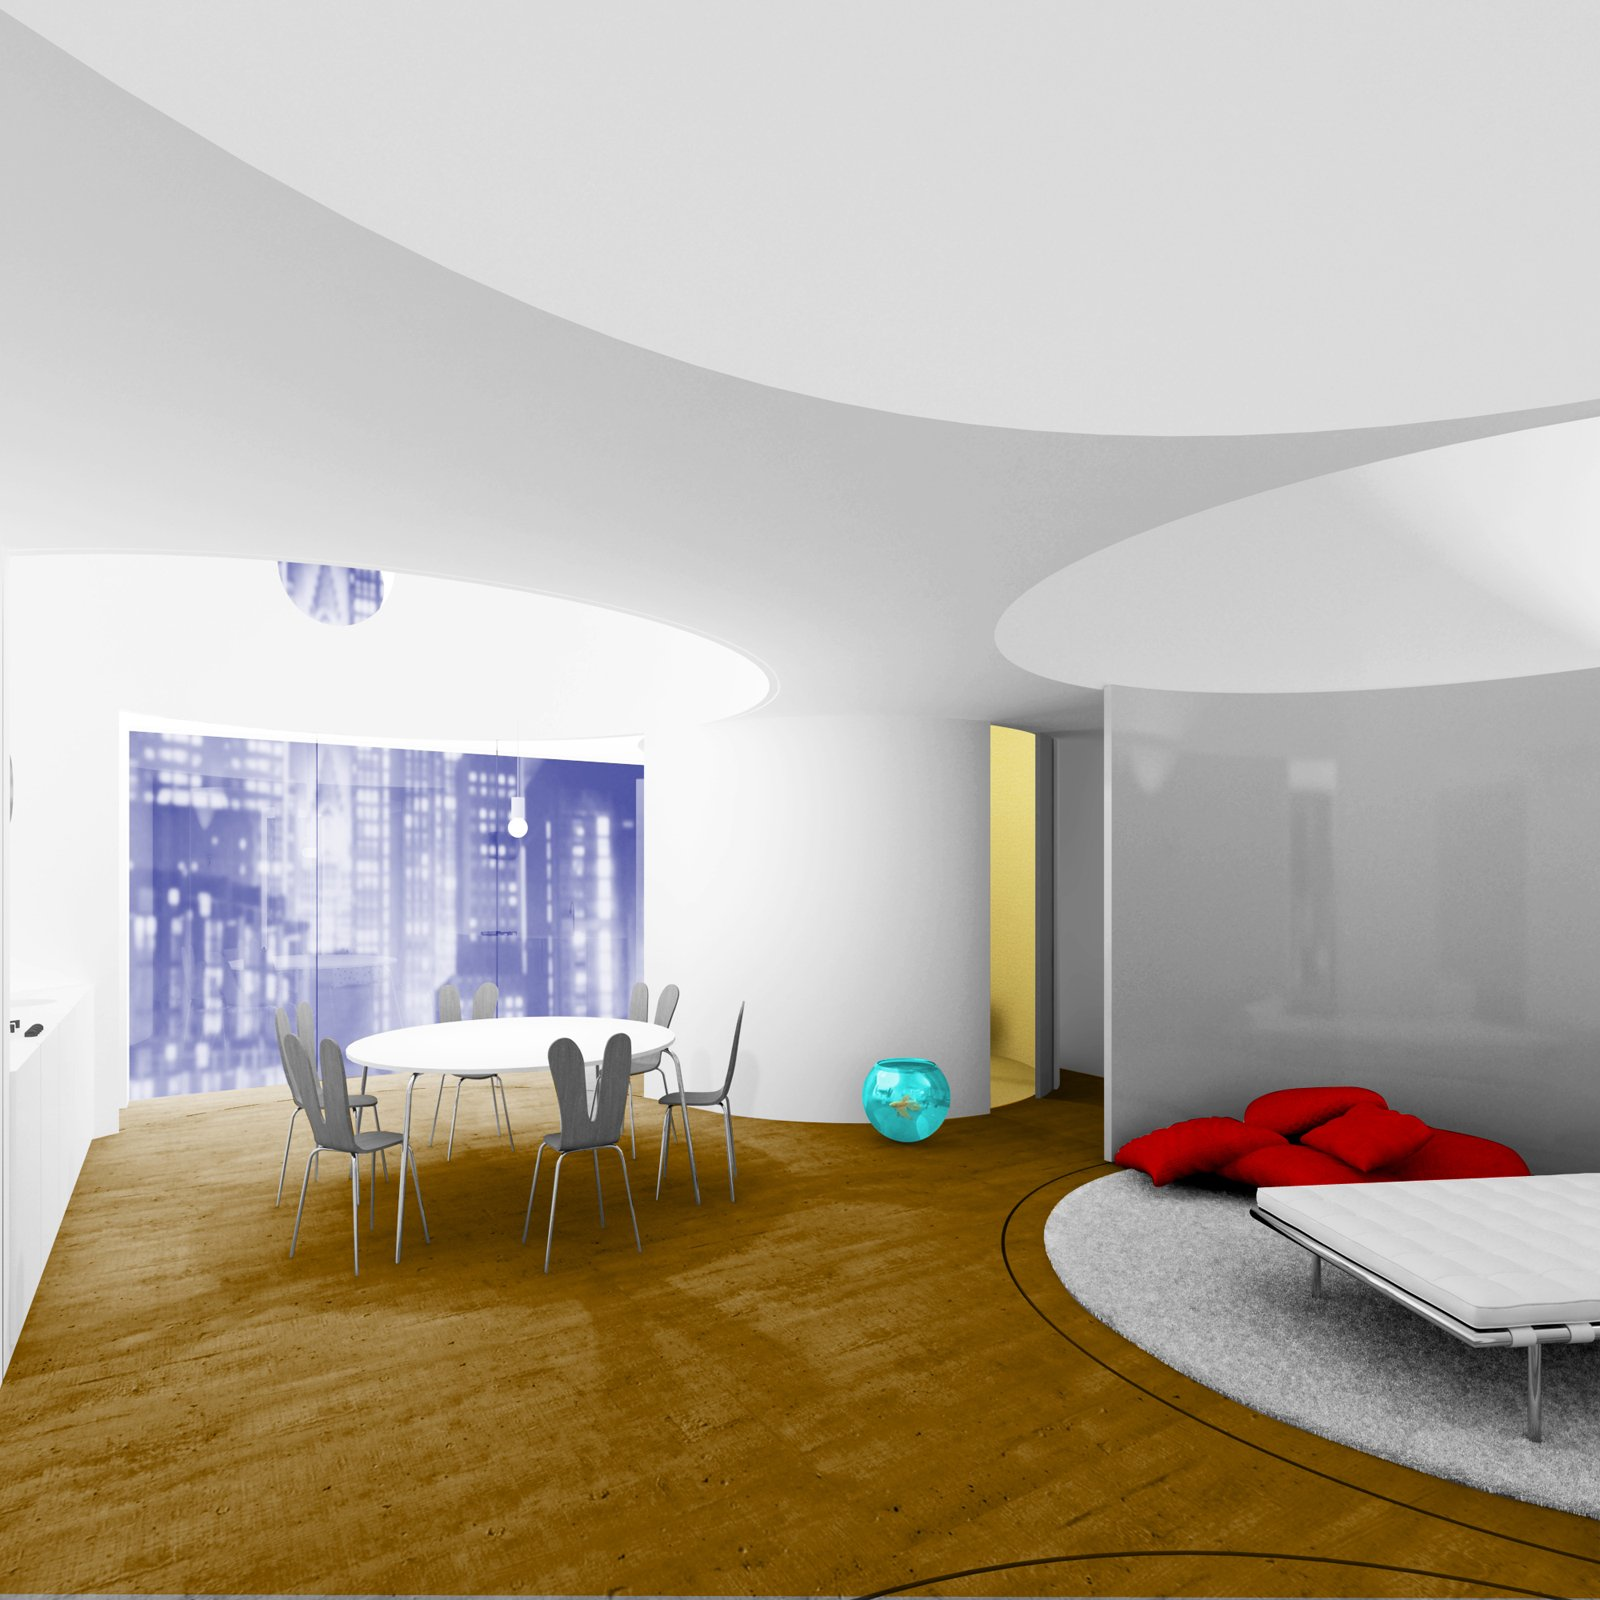 Pareti mobili per definire gli ambienti cose di casa for Porte per dividere ambienti